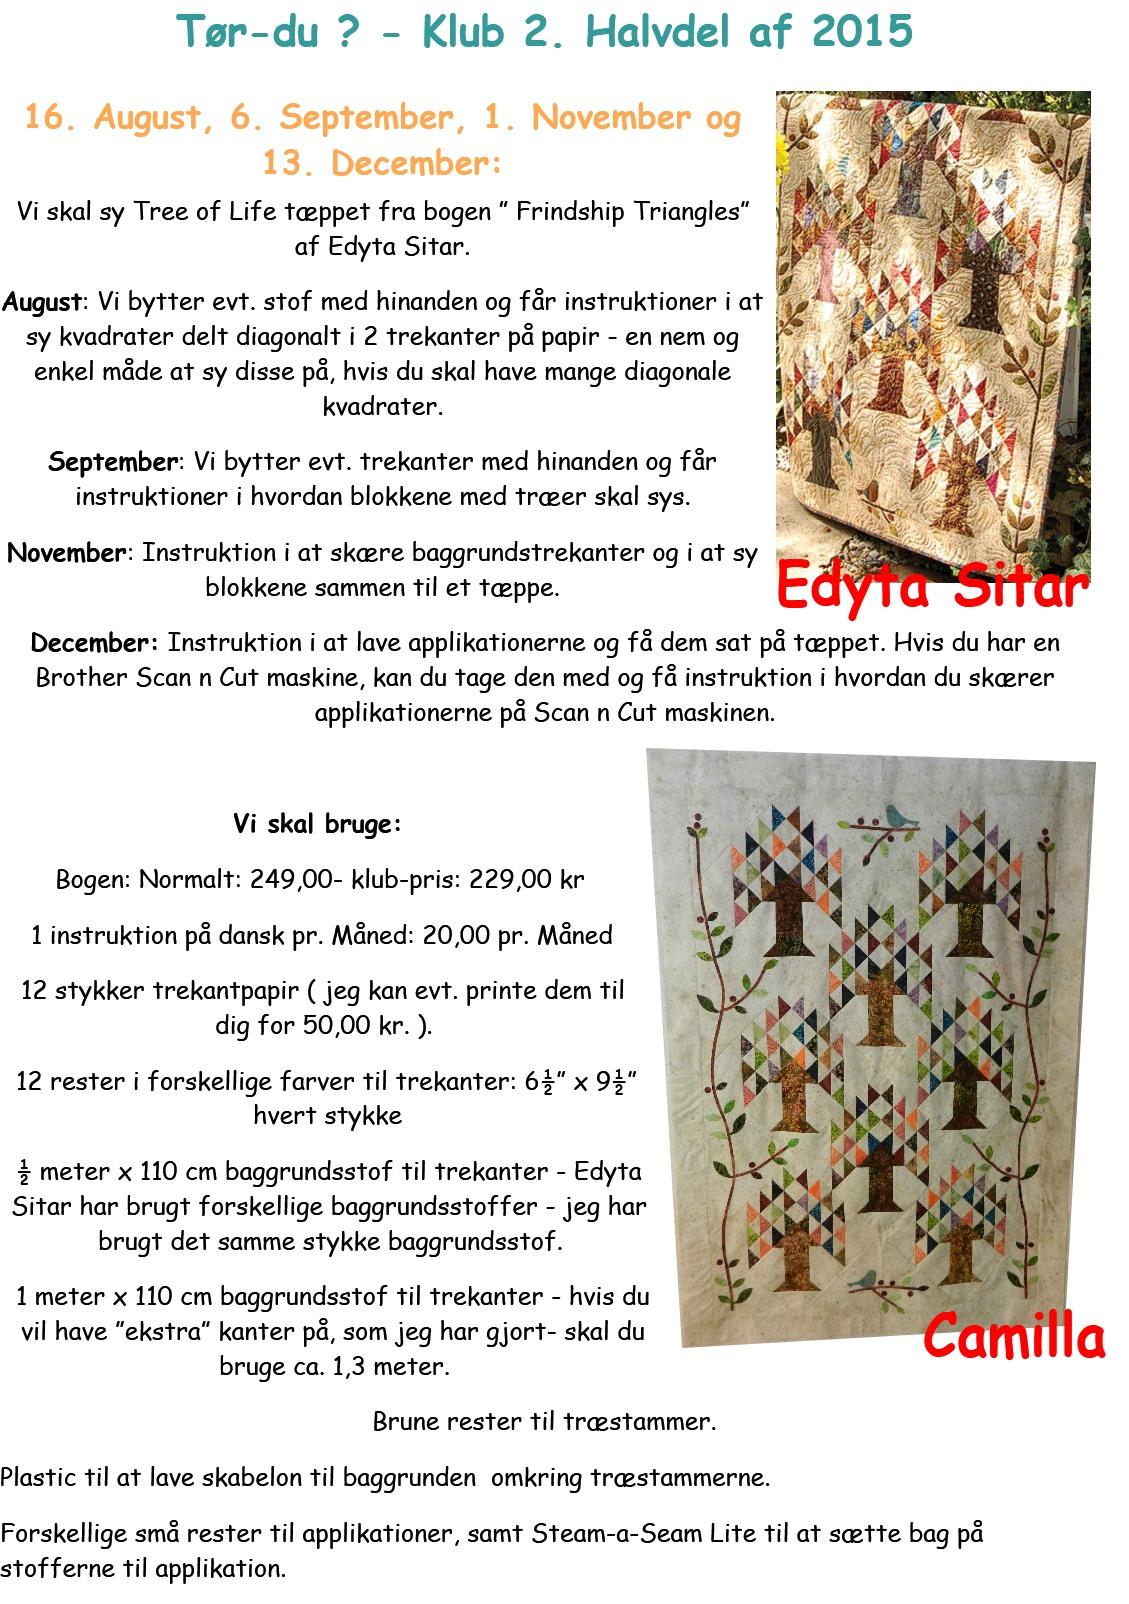 Tree of Life tæppet fra Edyta Sitars bog Frindship Triangles.